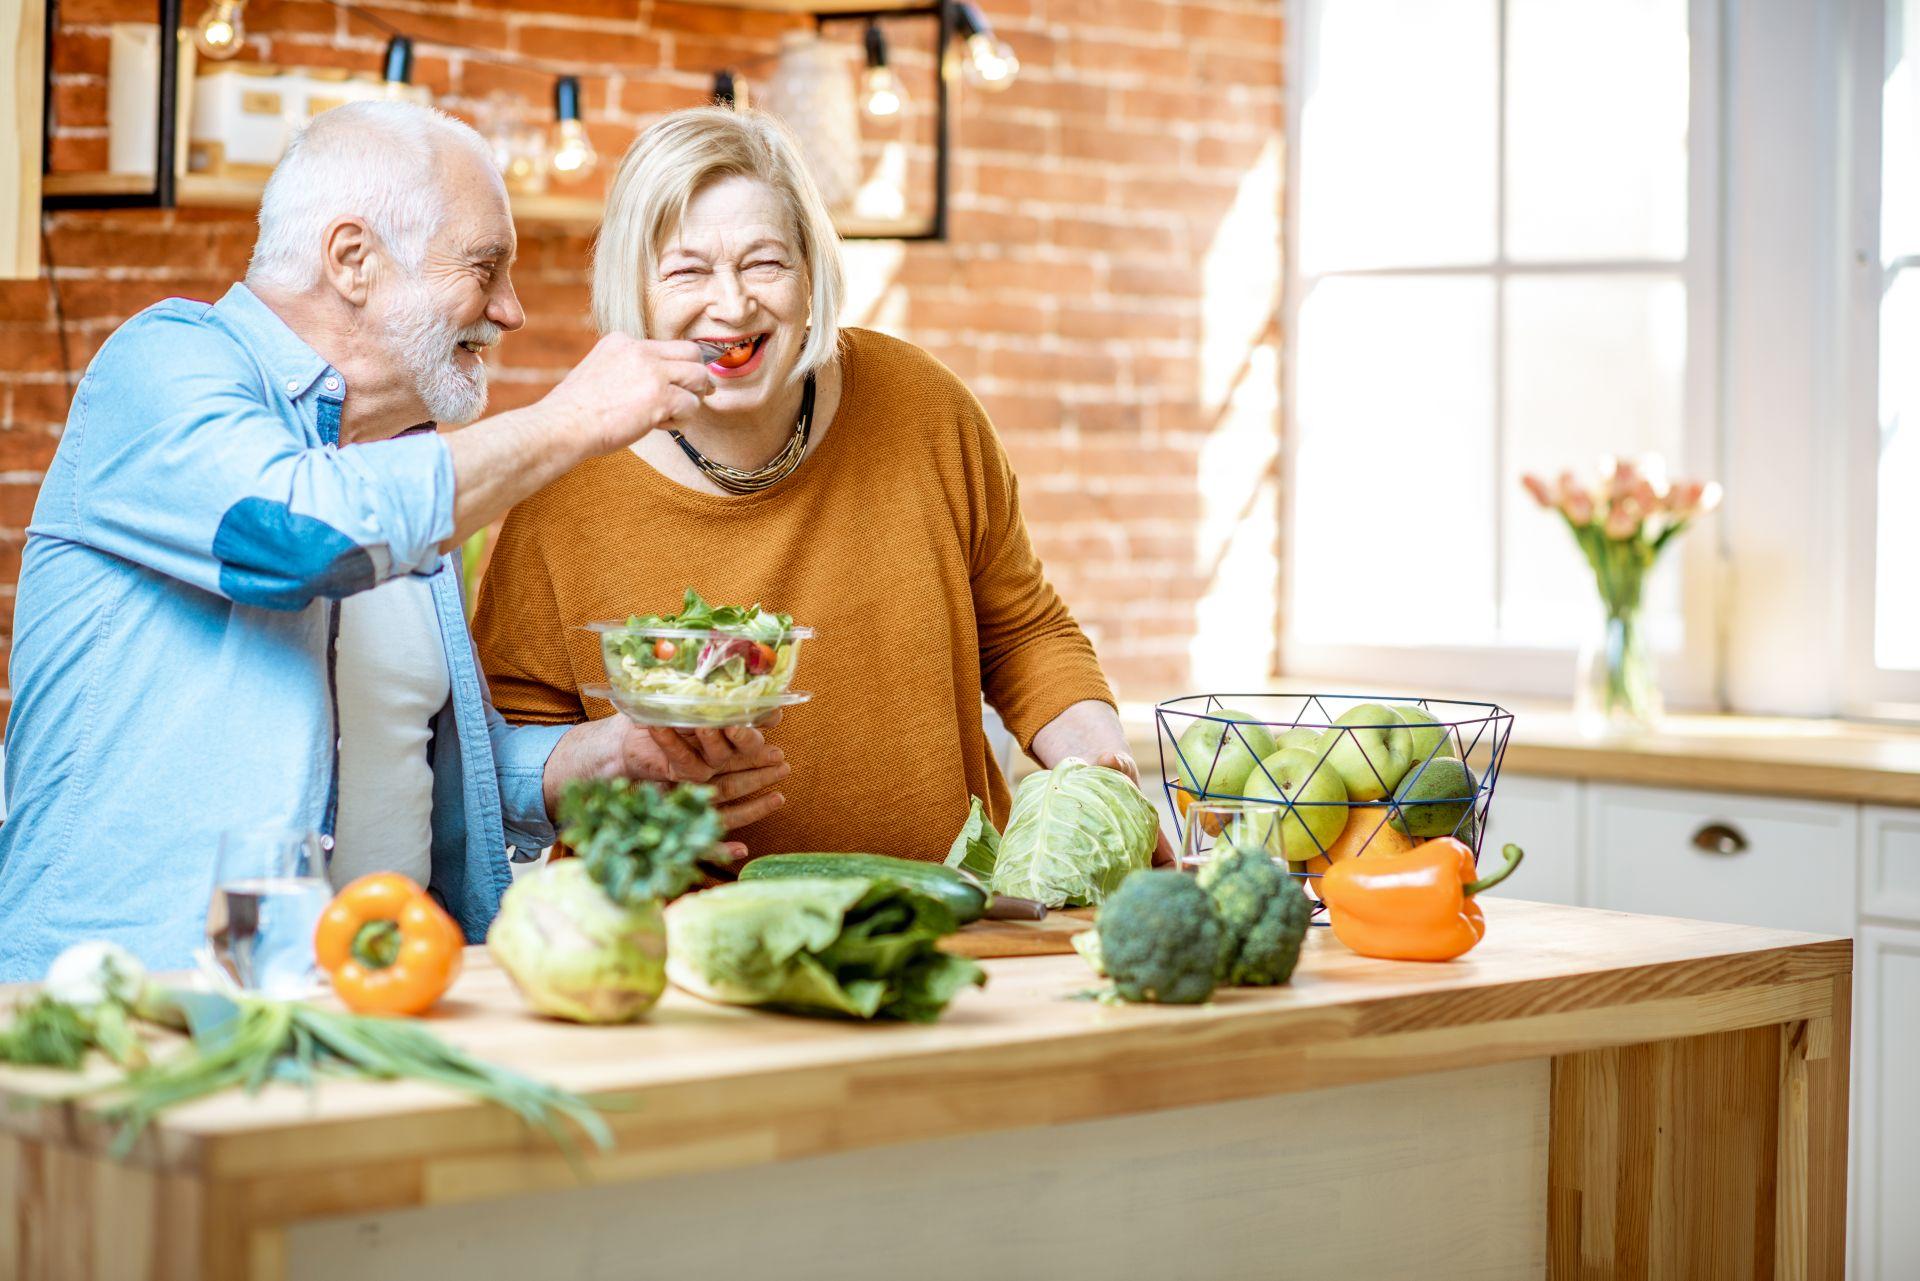 Jadłospis dla seniora oparty na tłuszczach roślinnych, sterolach roślinnych, potasie, kwasach Omega-3 i -6 oraz błonniku to klucz do zdrowej i zbilansowanej diety osób starszych,